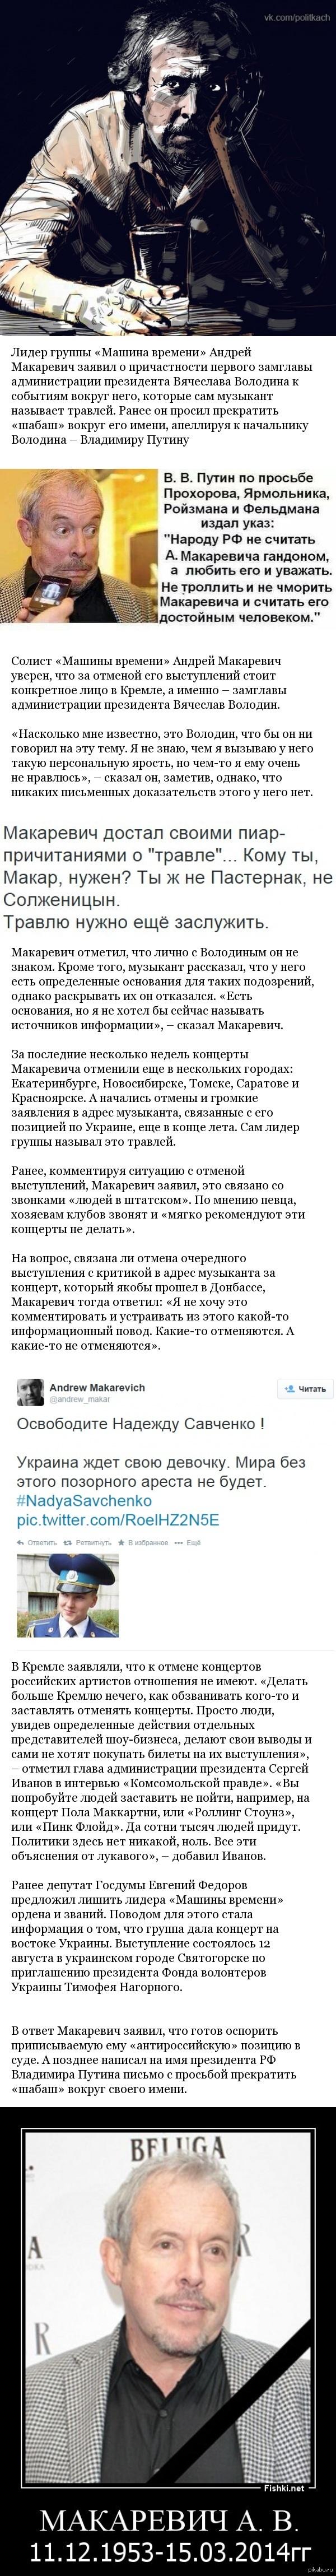 Макаревич просит больше не называть его вражиной поганой но хренушки кучерявому. Вражина она и вна Укропии врашина